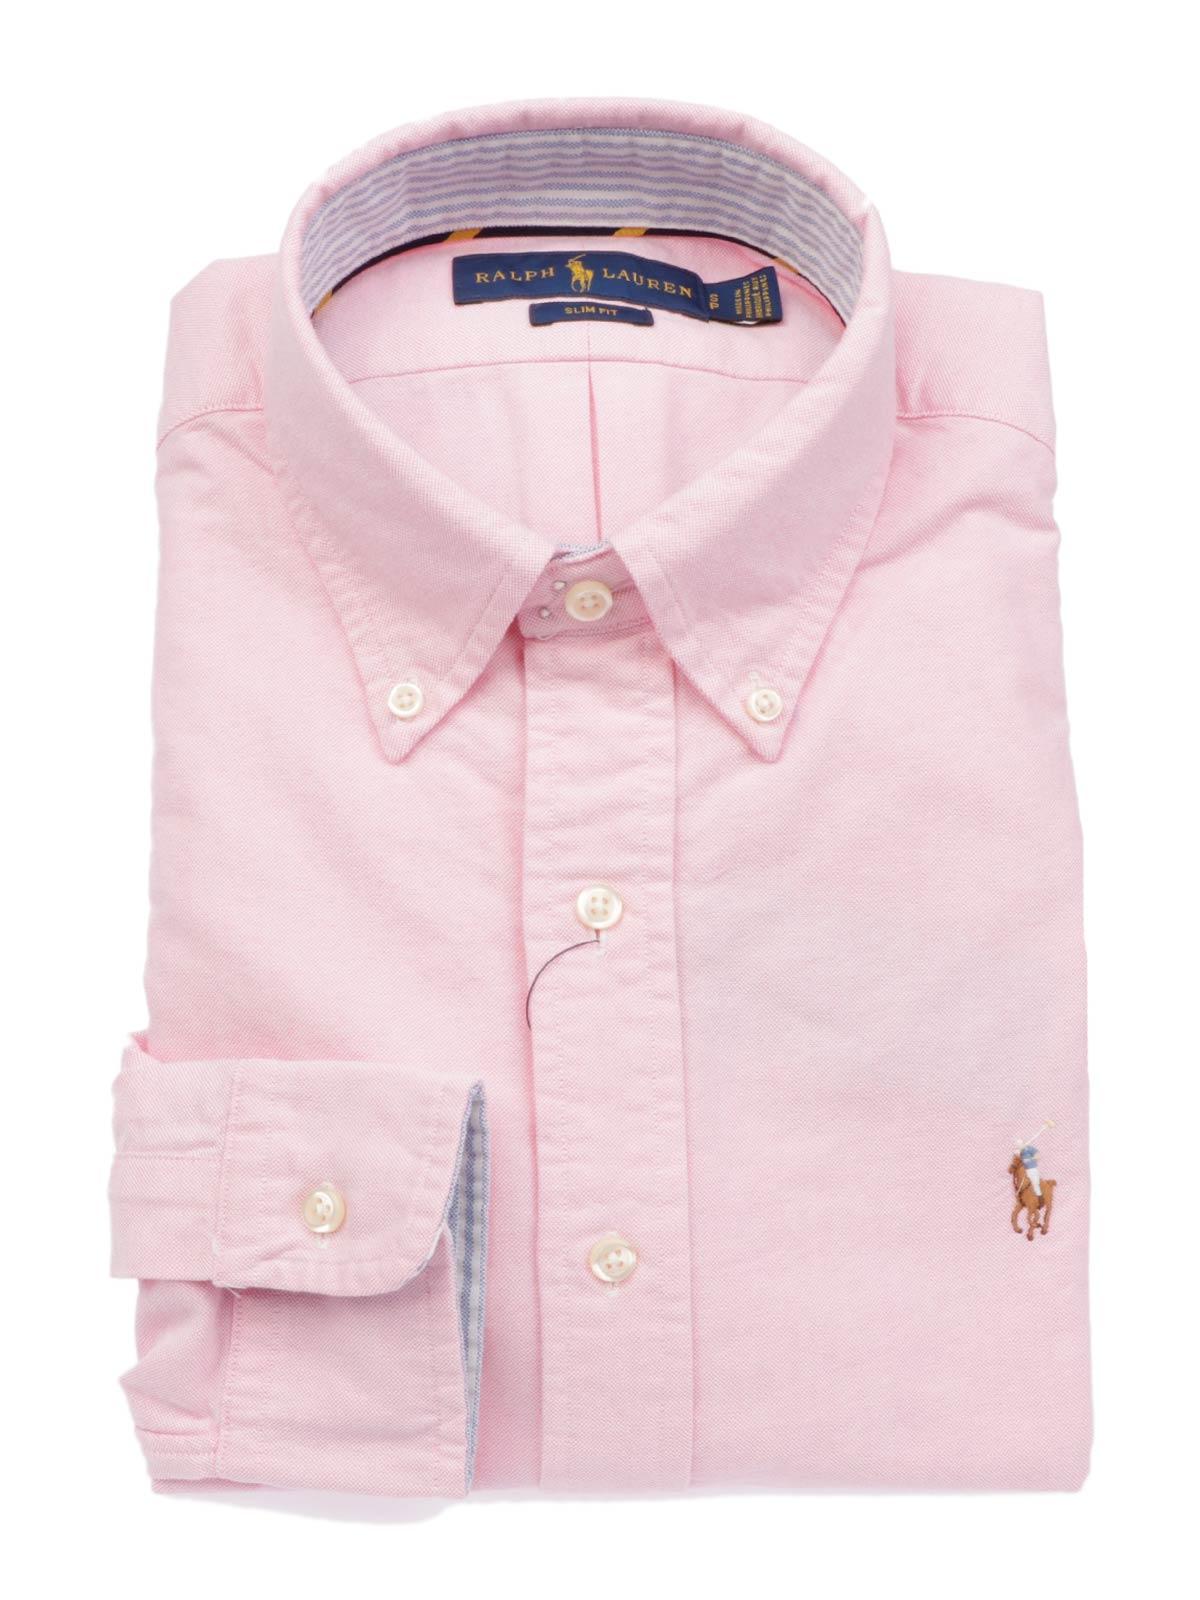 prezzo competitivo 0c522 408fe POLO RALPH LAUREN Camicia Uomo Slim Fit